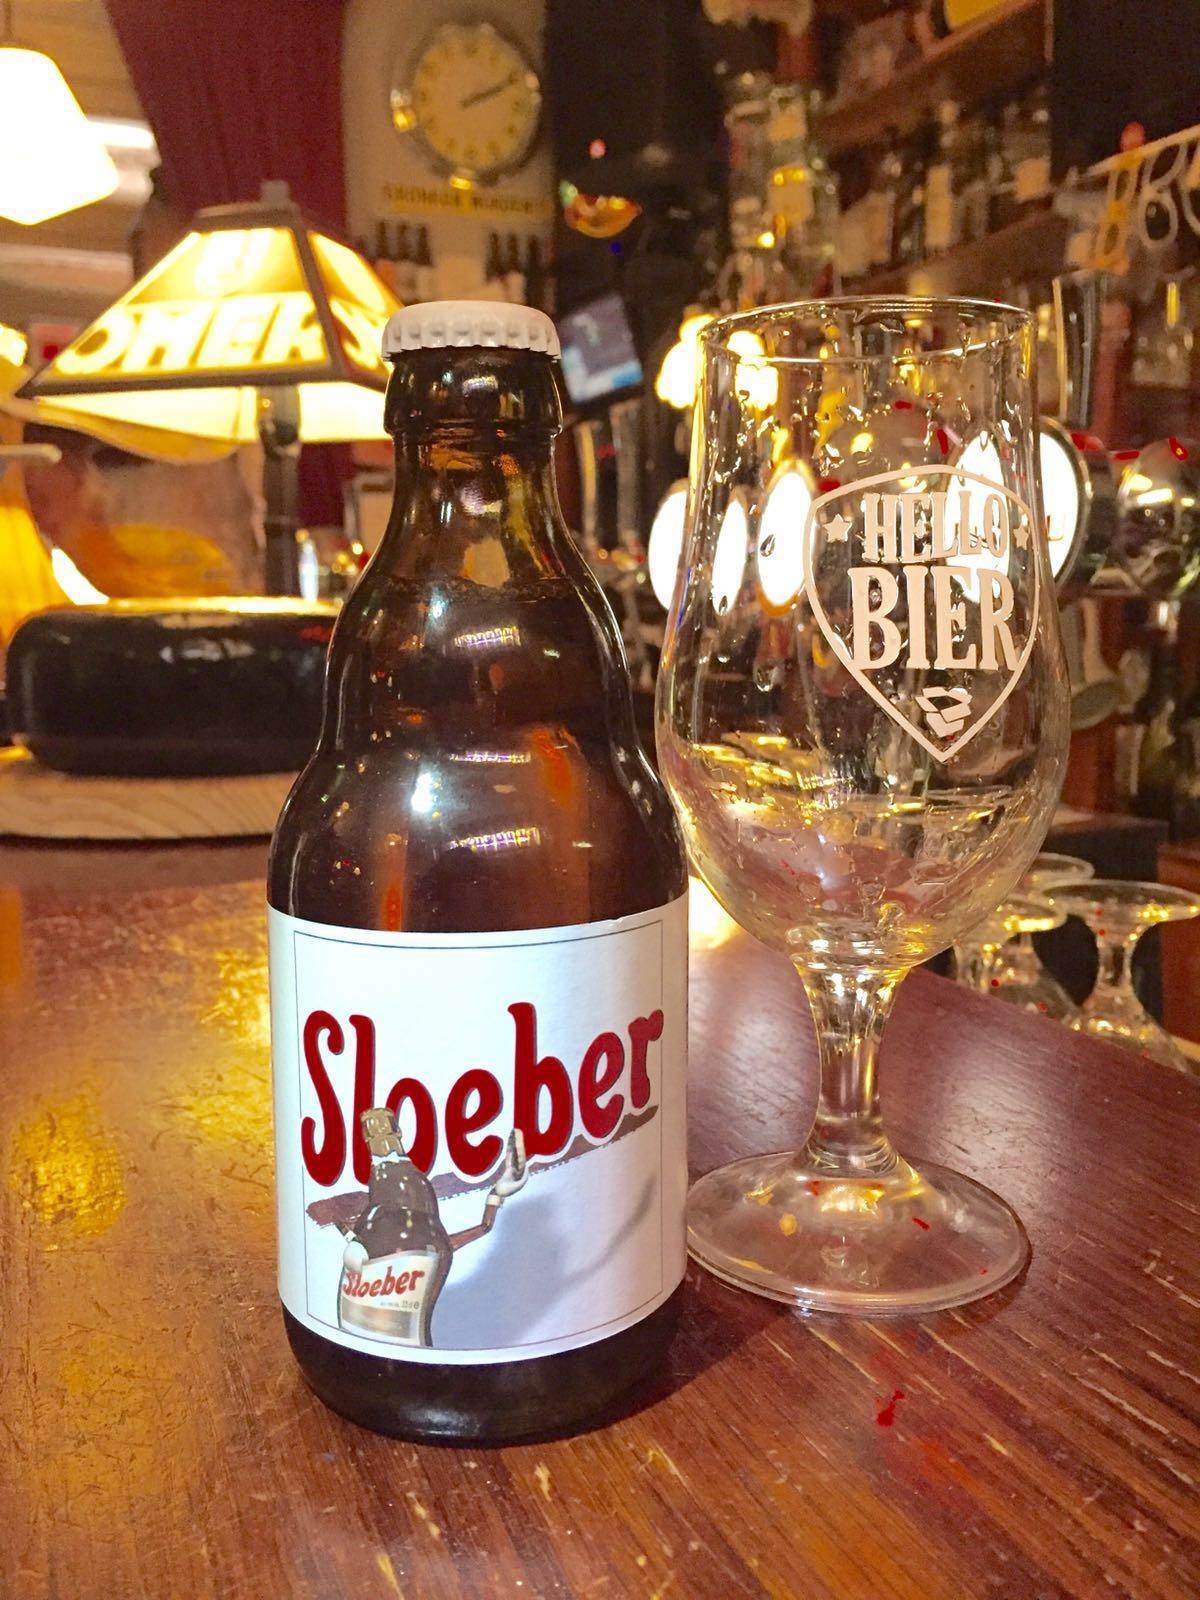 Sloeber Herkomst: Oudenaarde, België Fris blond bier, neigend naar een lichte tripel, met hergisting op de fles. Volle, krachtige smaak maar toch voelt het bier subtiel de mond. Tonen van citrus en hop bepalen de smaak waarbij je in de afdronk een licht zoetje herkent. De geur doet je denken aan een wandeling door een graanveld. Wij hebben dit lekker blond bier op 3 graden gedronken en dit was zeker een aanrader. Verraderlijk is dan wel de alcoholpercentage: 7,5%.